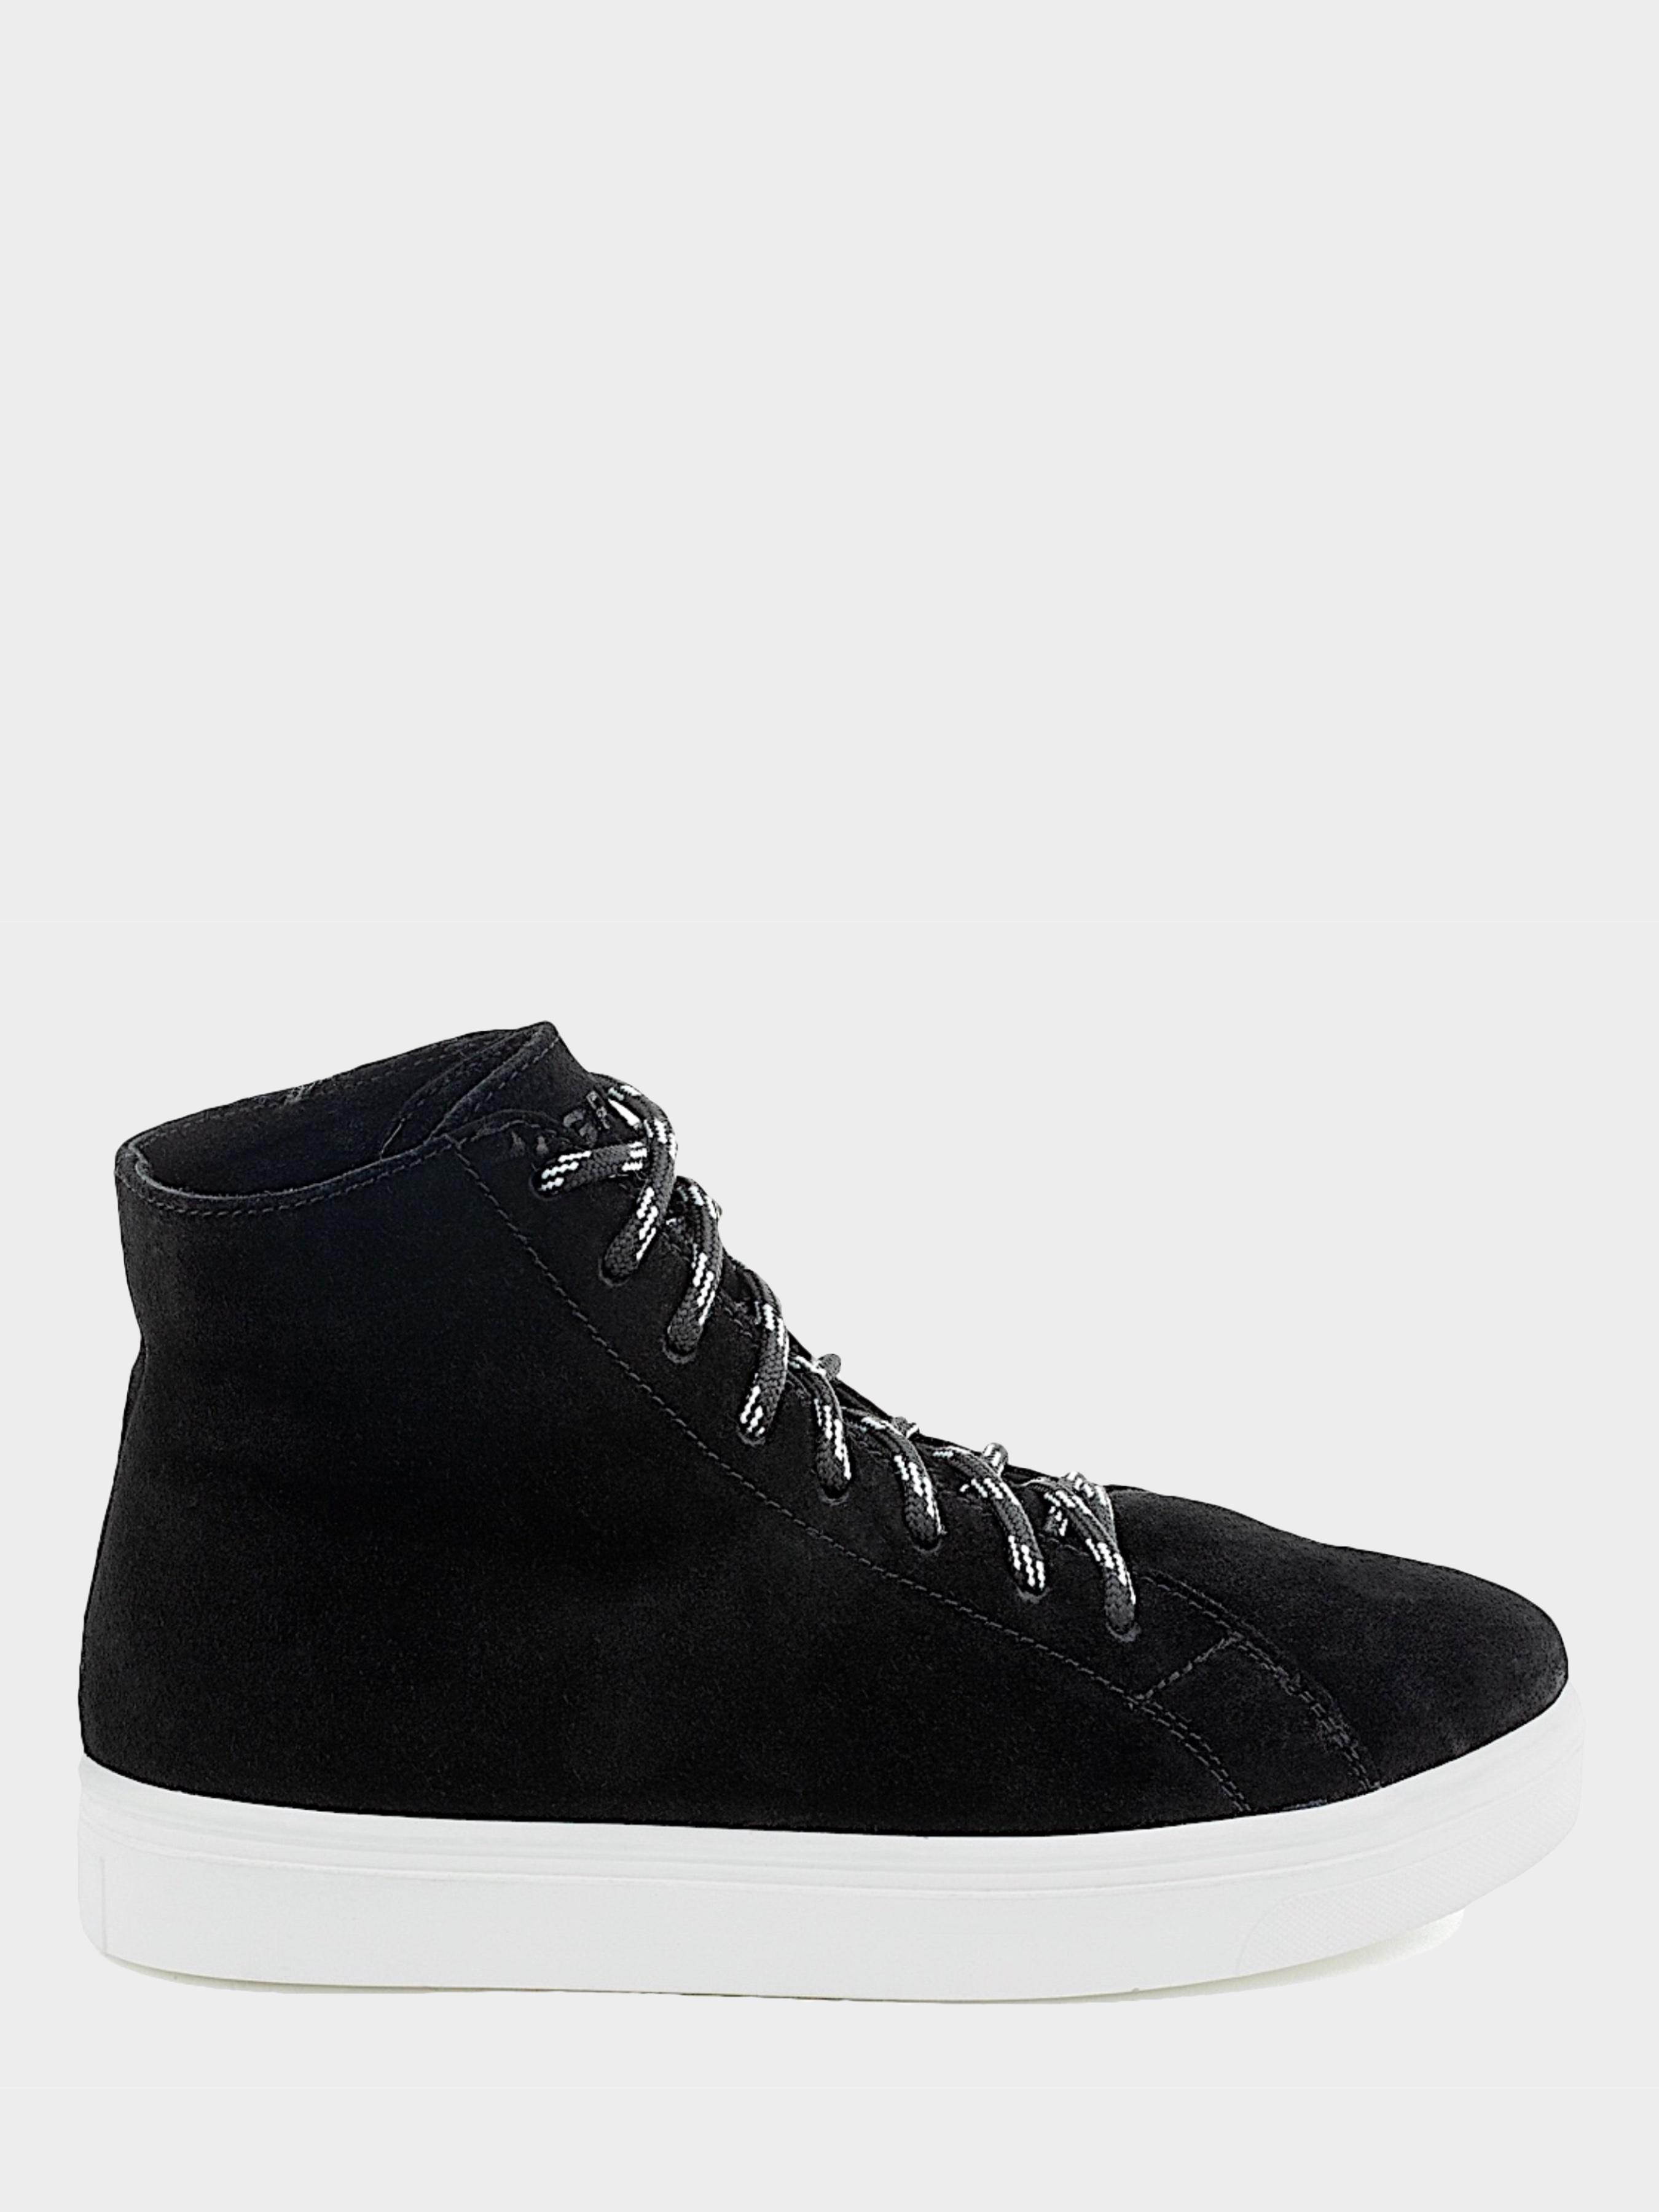 Купить Ботинки женские Ботинки с мехом H5 H5.3.000000323, Grace, Черный